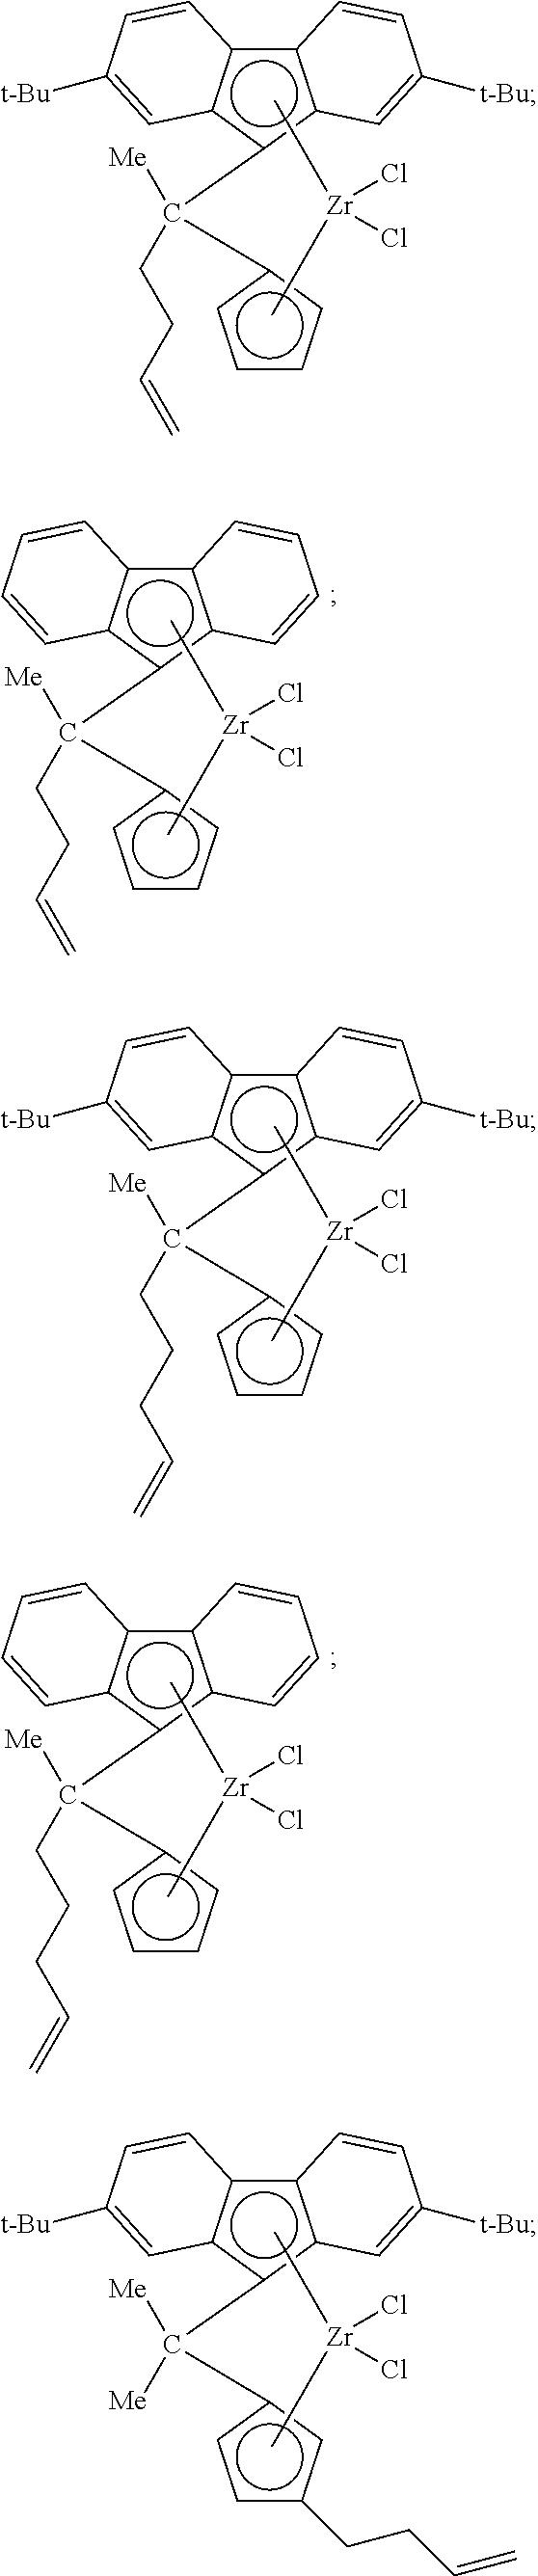 Figure US09273159-20160301-C00010